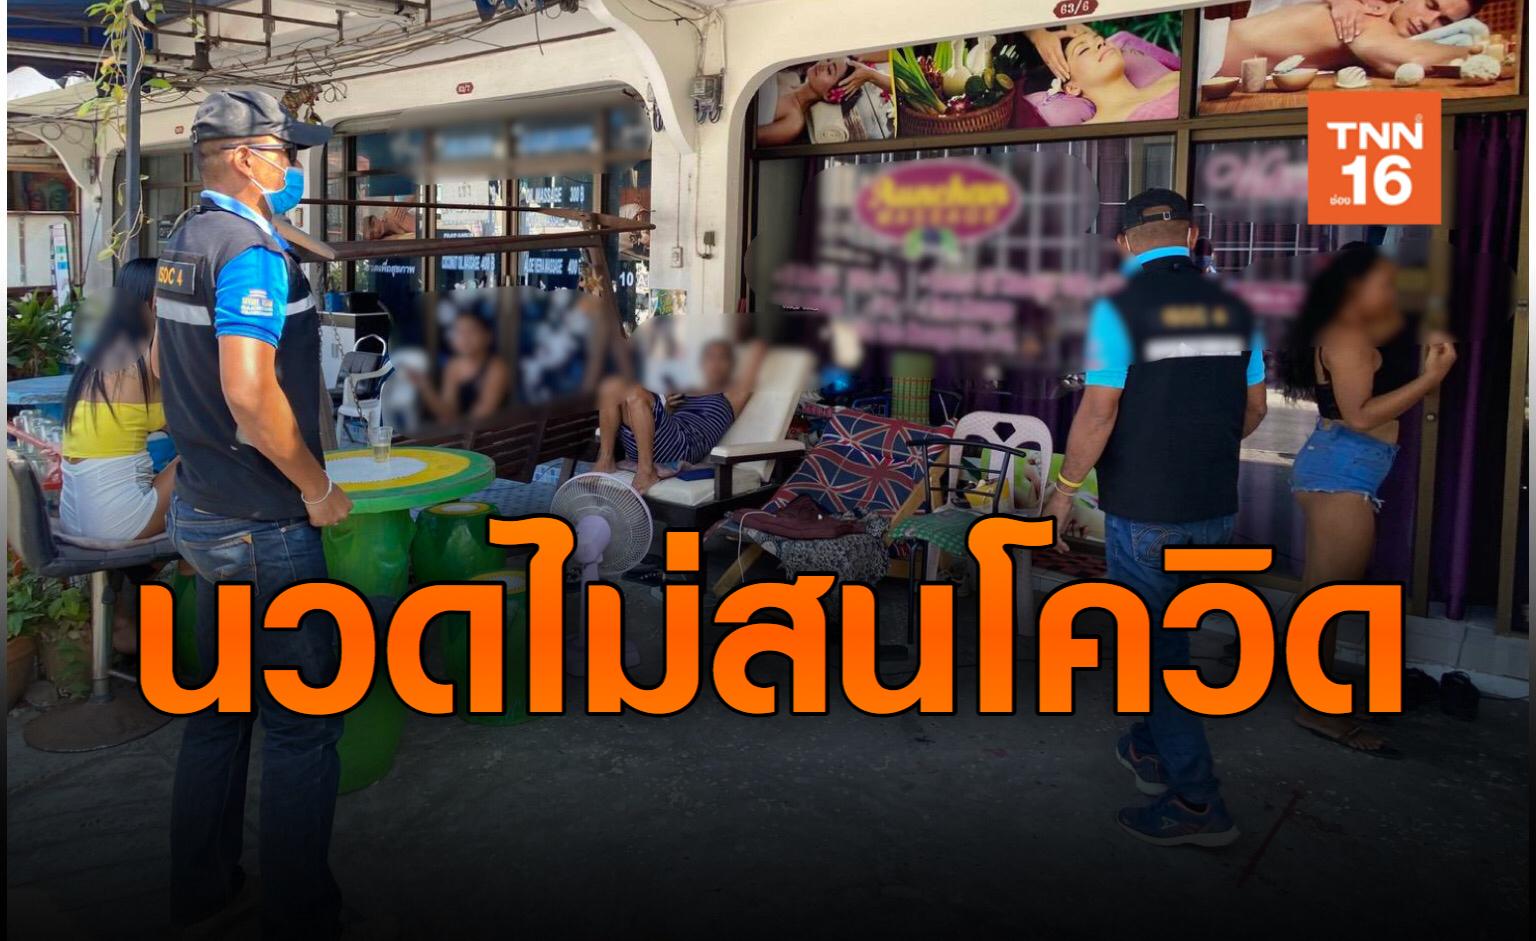 ไม่สนโควิด! จับร้านนวดเกาะสมุยฝ่าฝืนคำสั่ง-แจ้งข้อหาหนักปิดถาวร